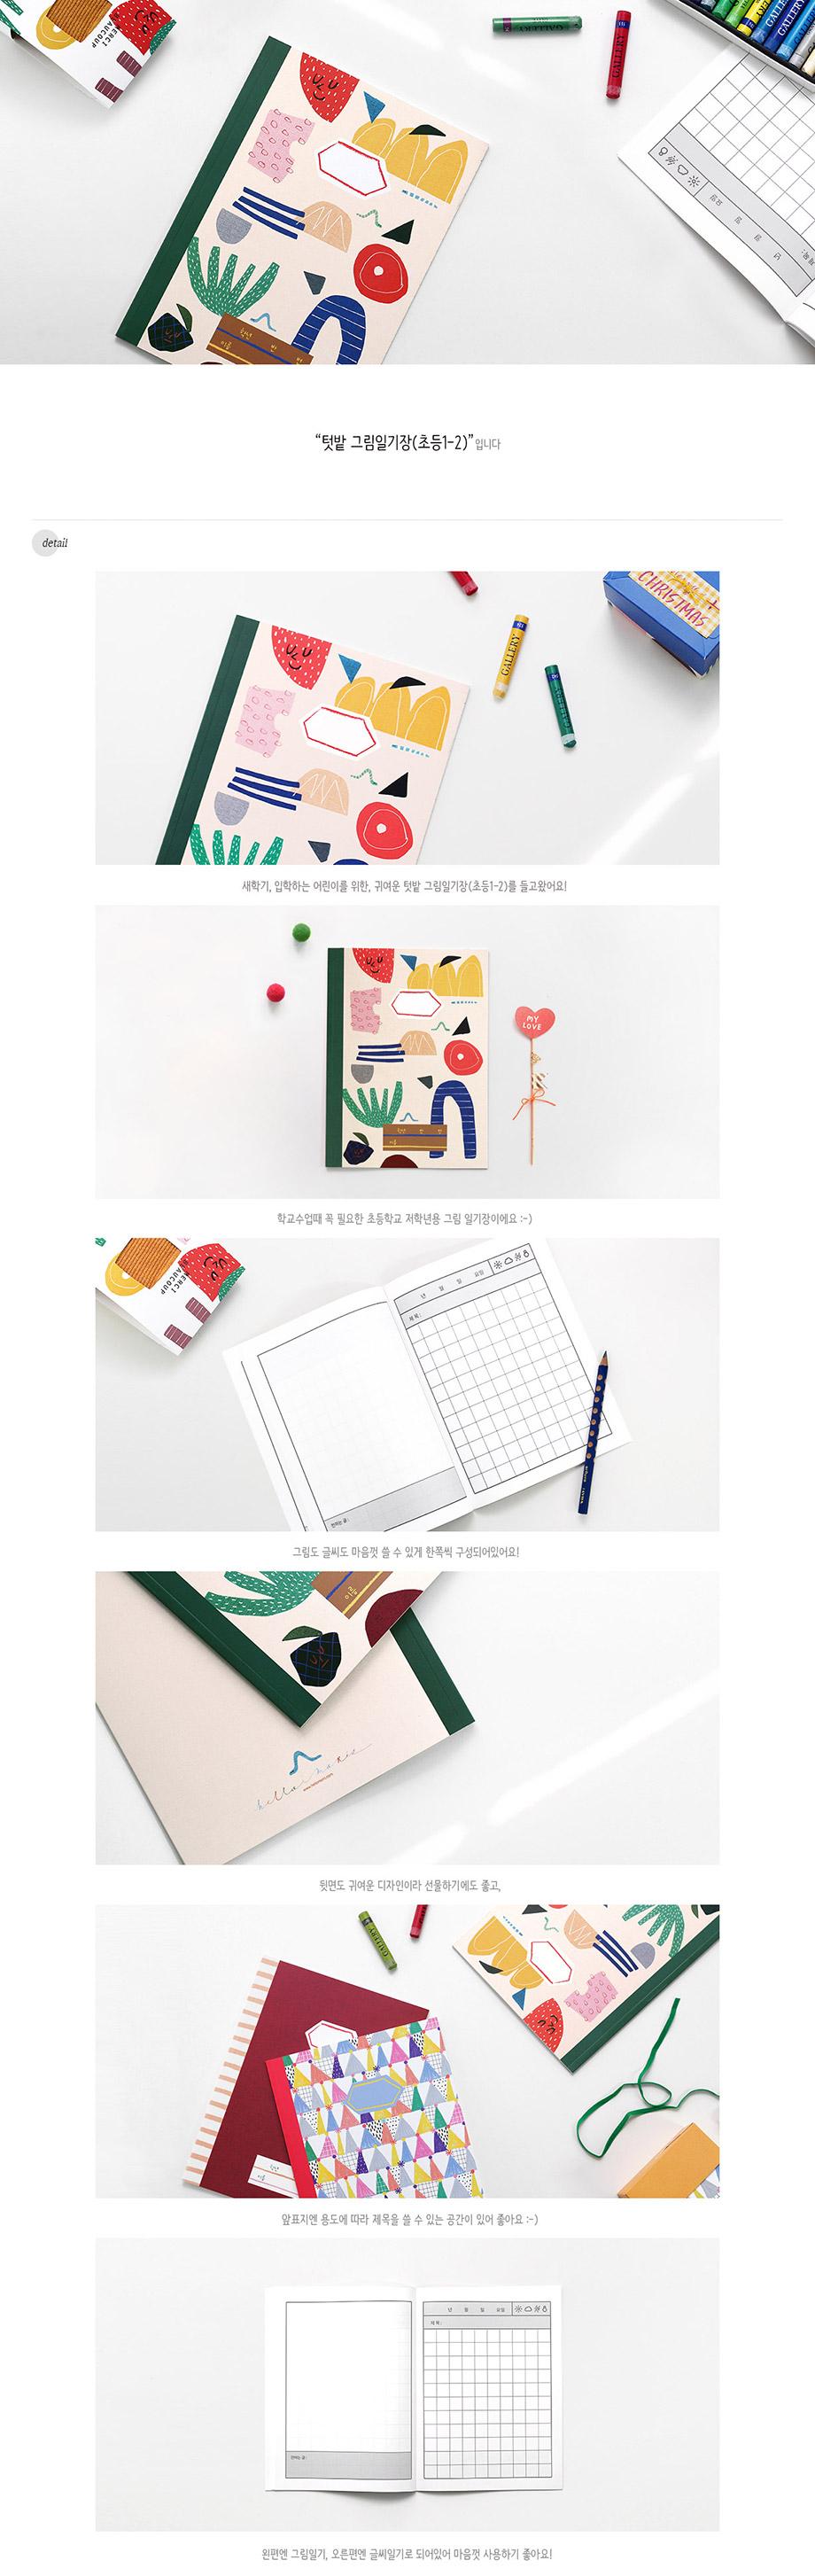 텃밭 그림일기장(초등1-2) - 헬로우모리스, 1,300원, 베이직노트, 유선노트